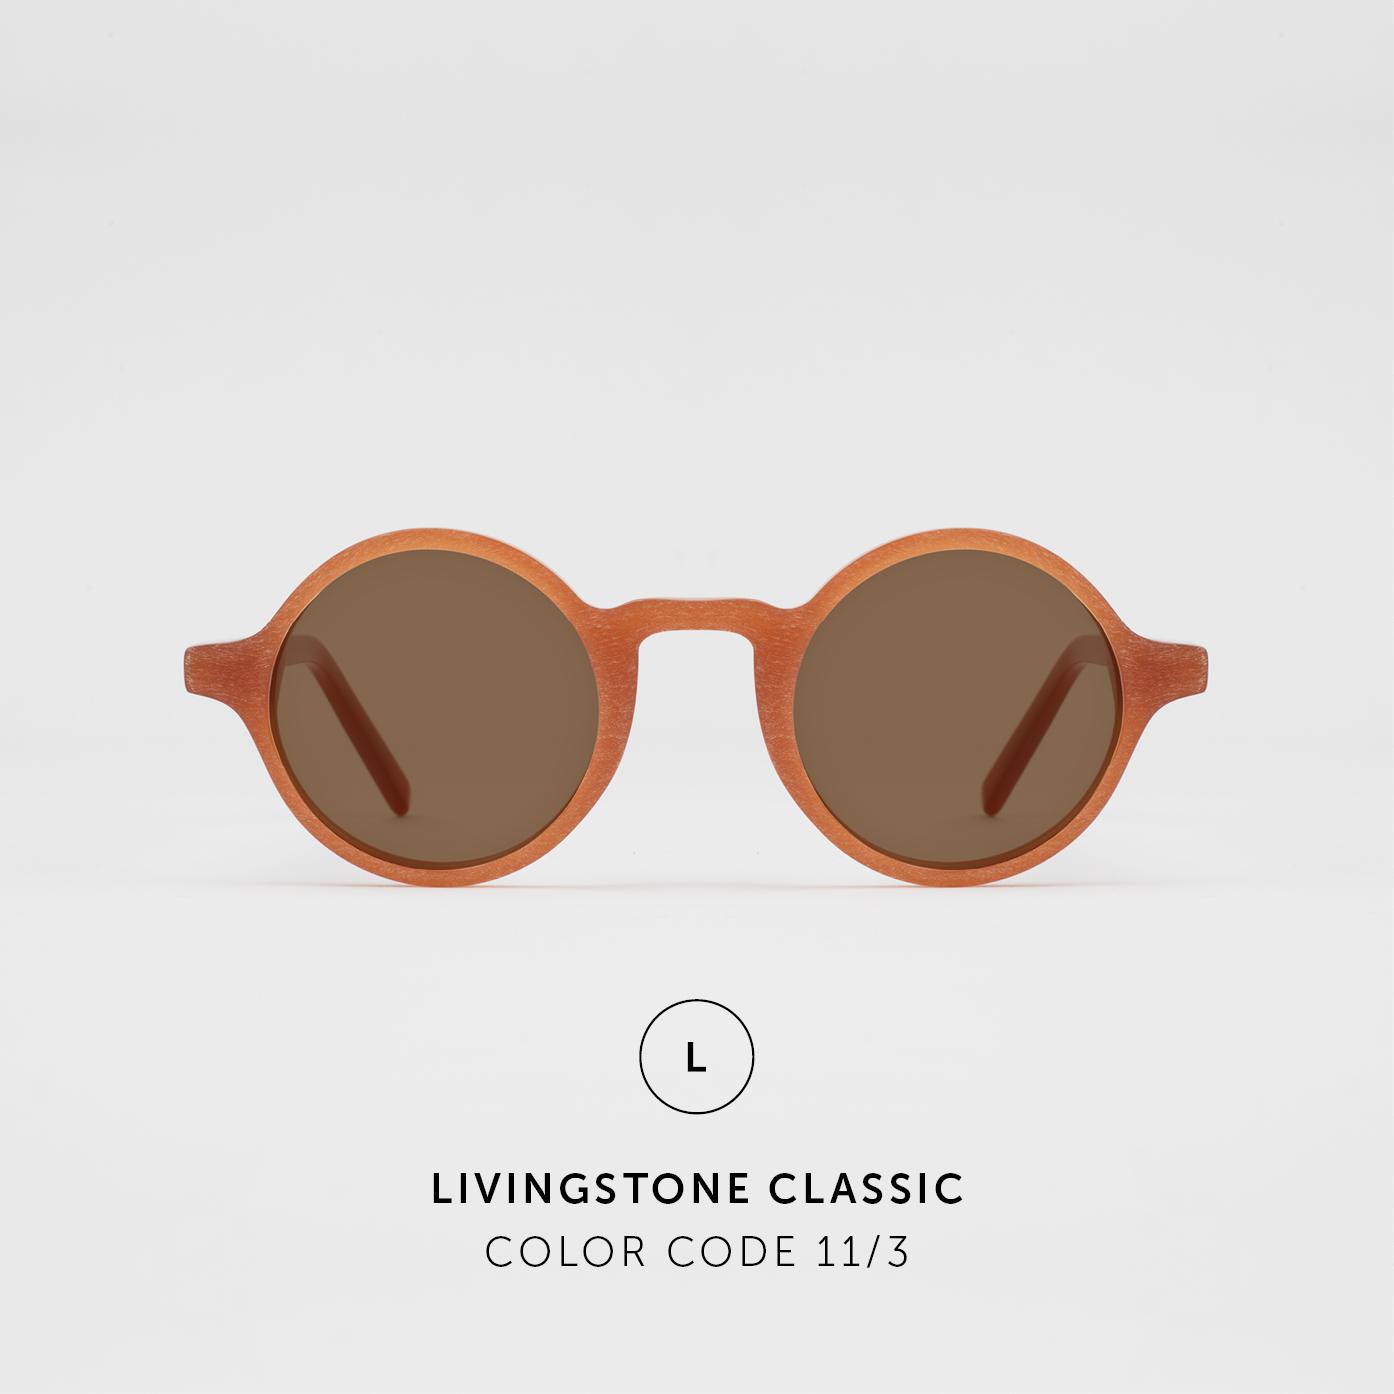 LivingstoneClassic55.jpg